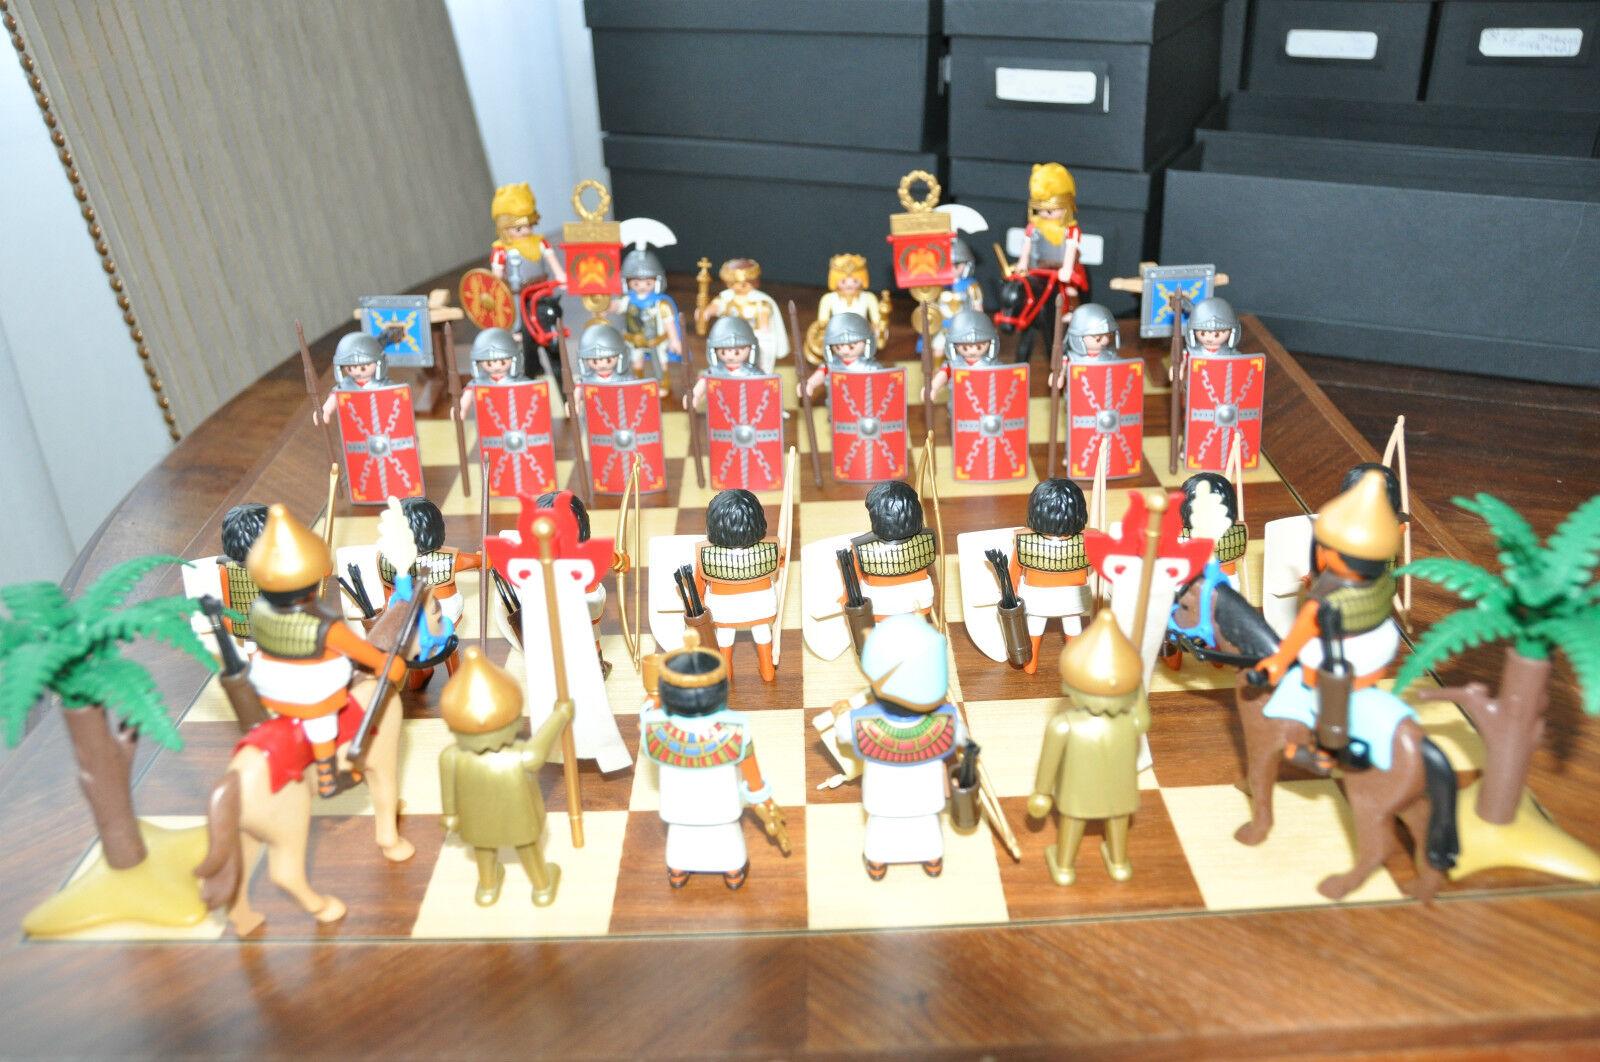 Jeu Jeu Jeu d'échecs playmobil - Série batailles Romaines, Bataille d'Actium  (10) 7a4f12